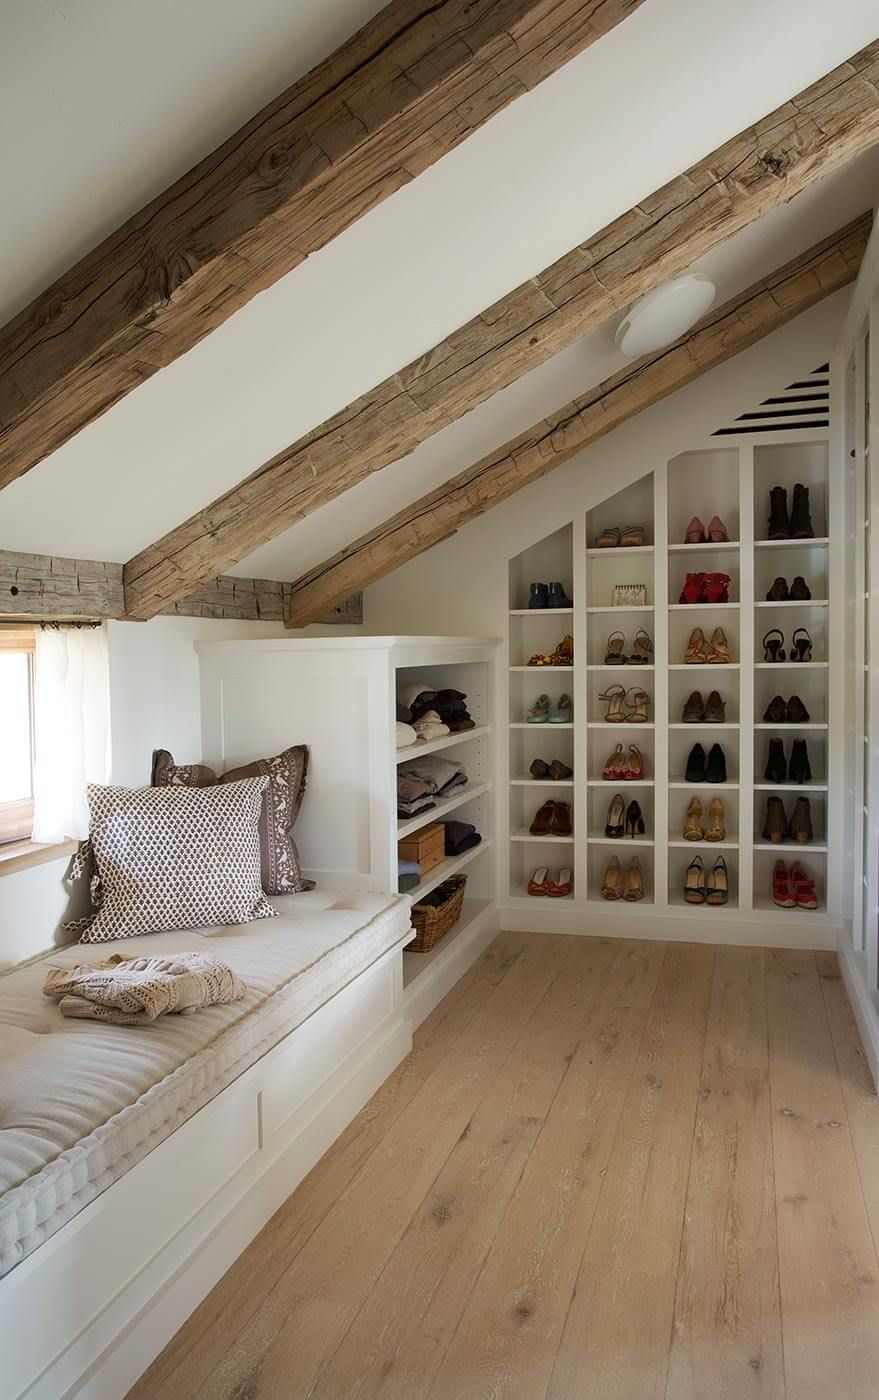 40 idées d'économie d'espace intelligentes pour vous aider à rendre votre maison plus attrayante …